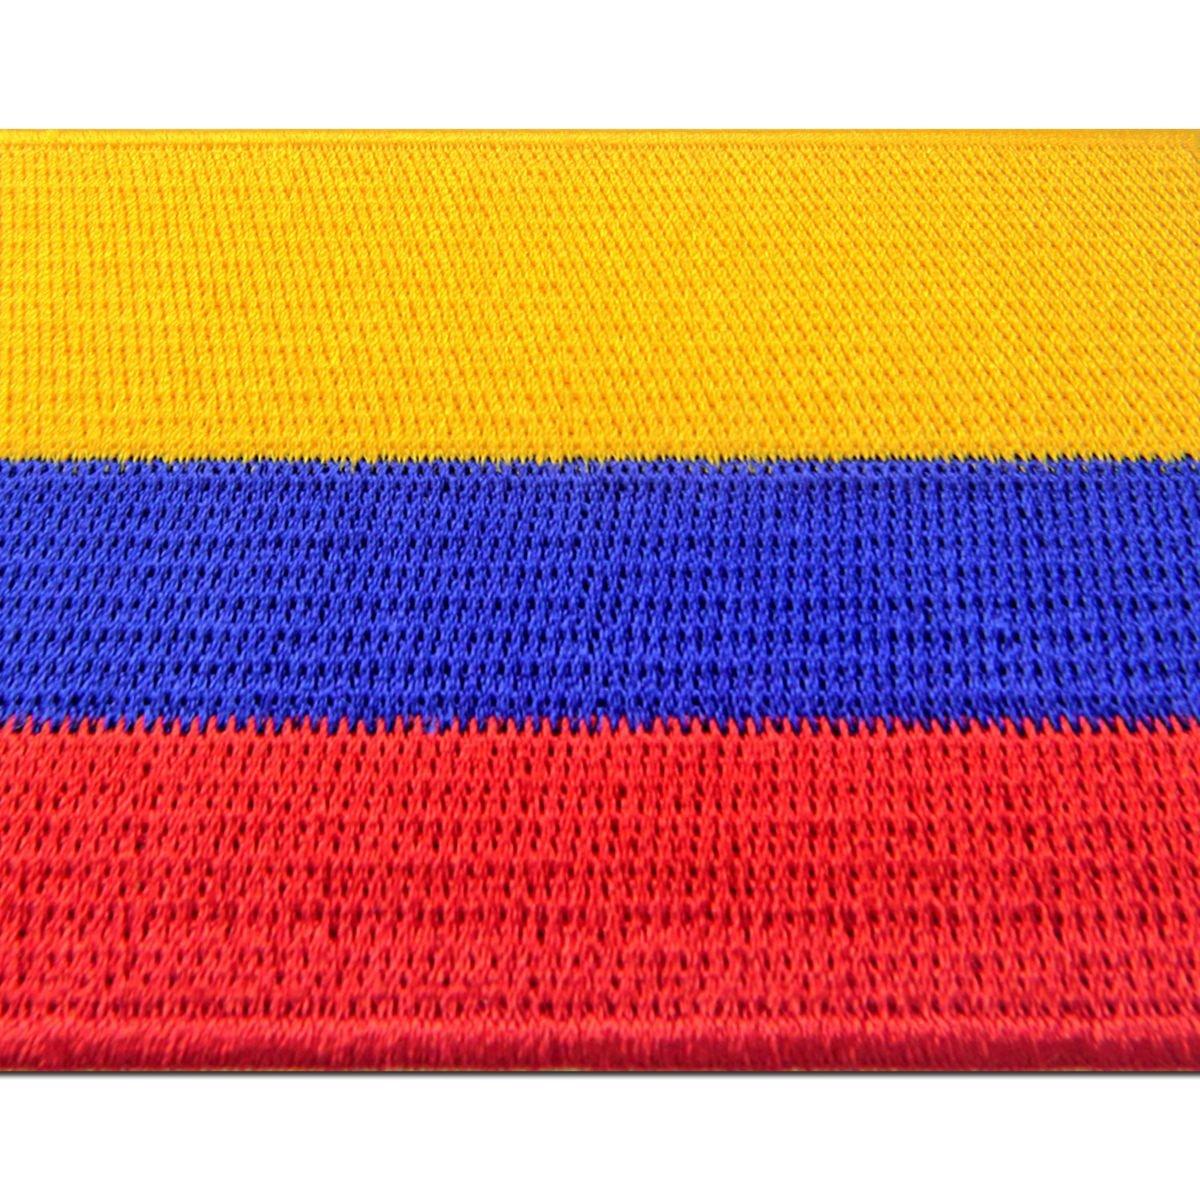 Bandera de Colombia Colombiano Emblema nacional Parche Bordado de Aplicaci/ón con Plancha